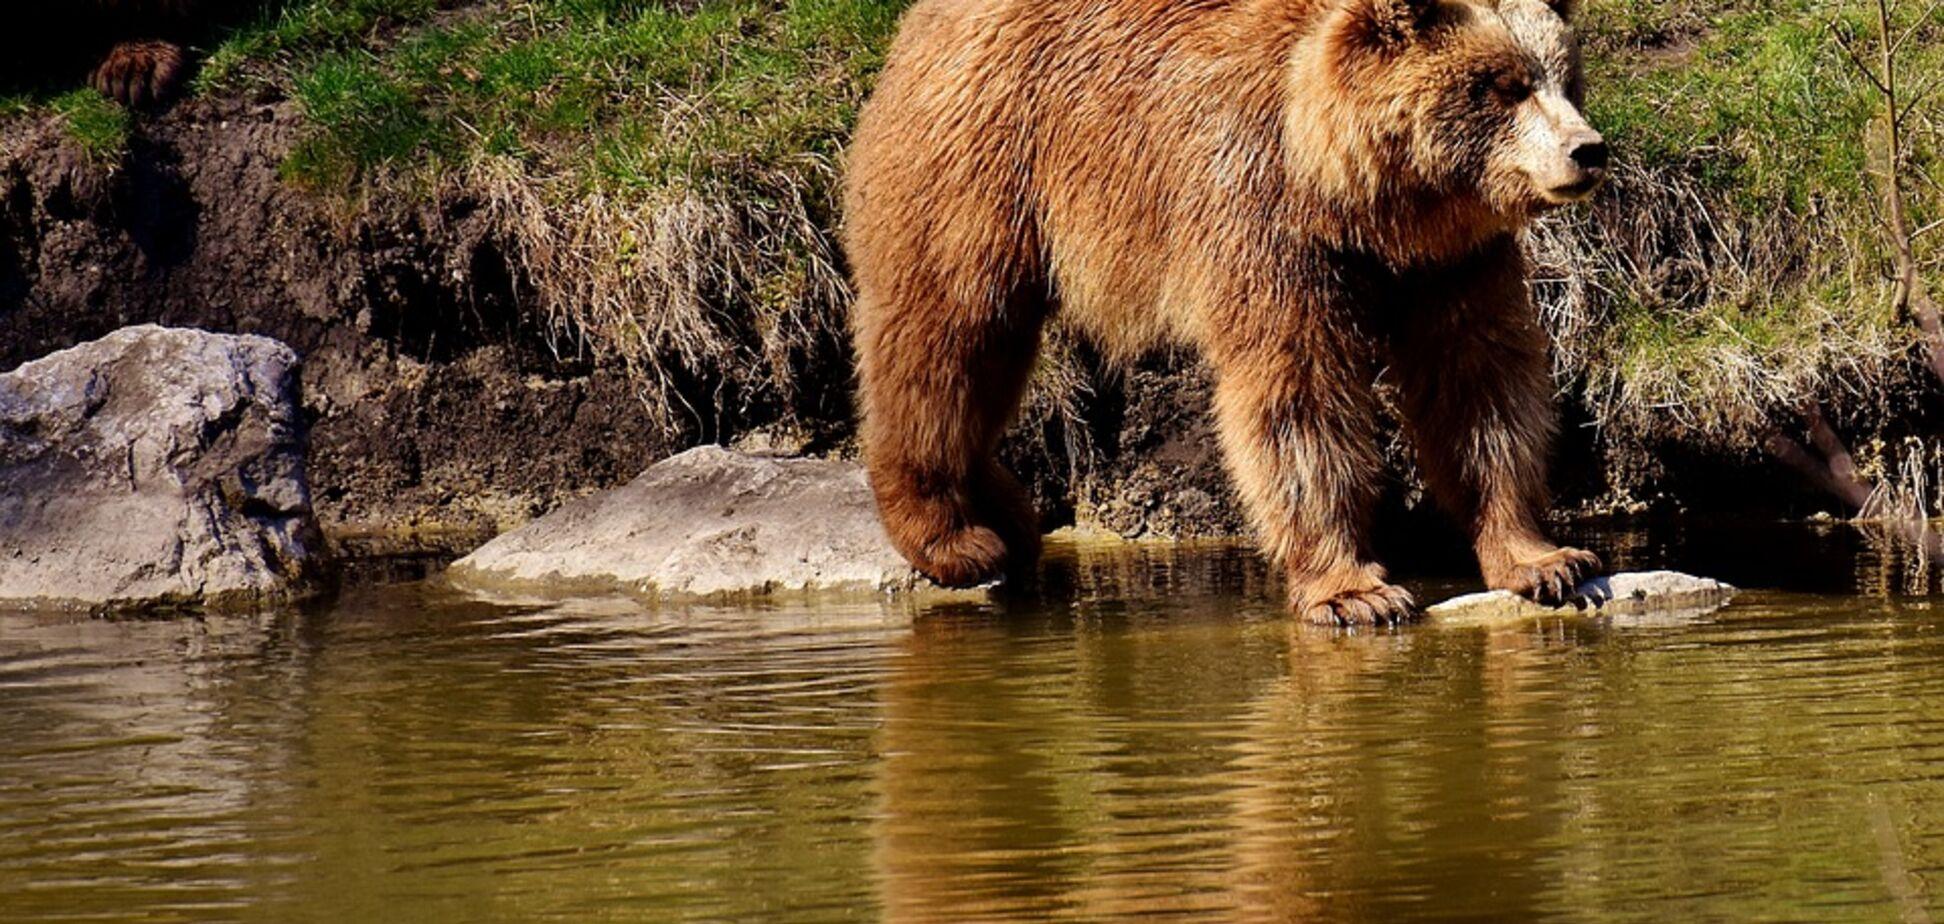 Рятують із ресторанів і цирків: на Львівщині відкрили притулок для ведмедів